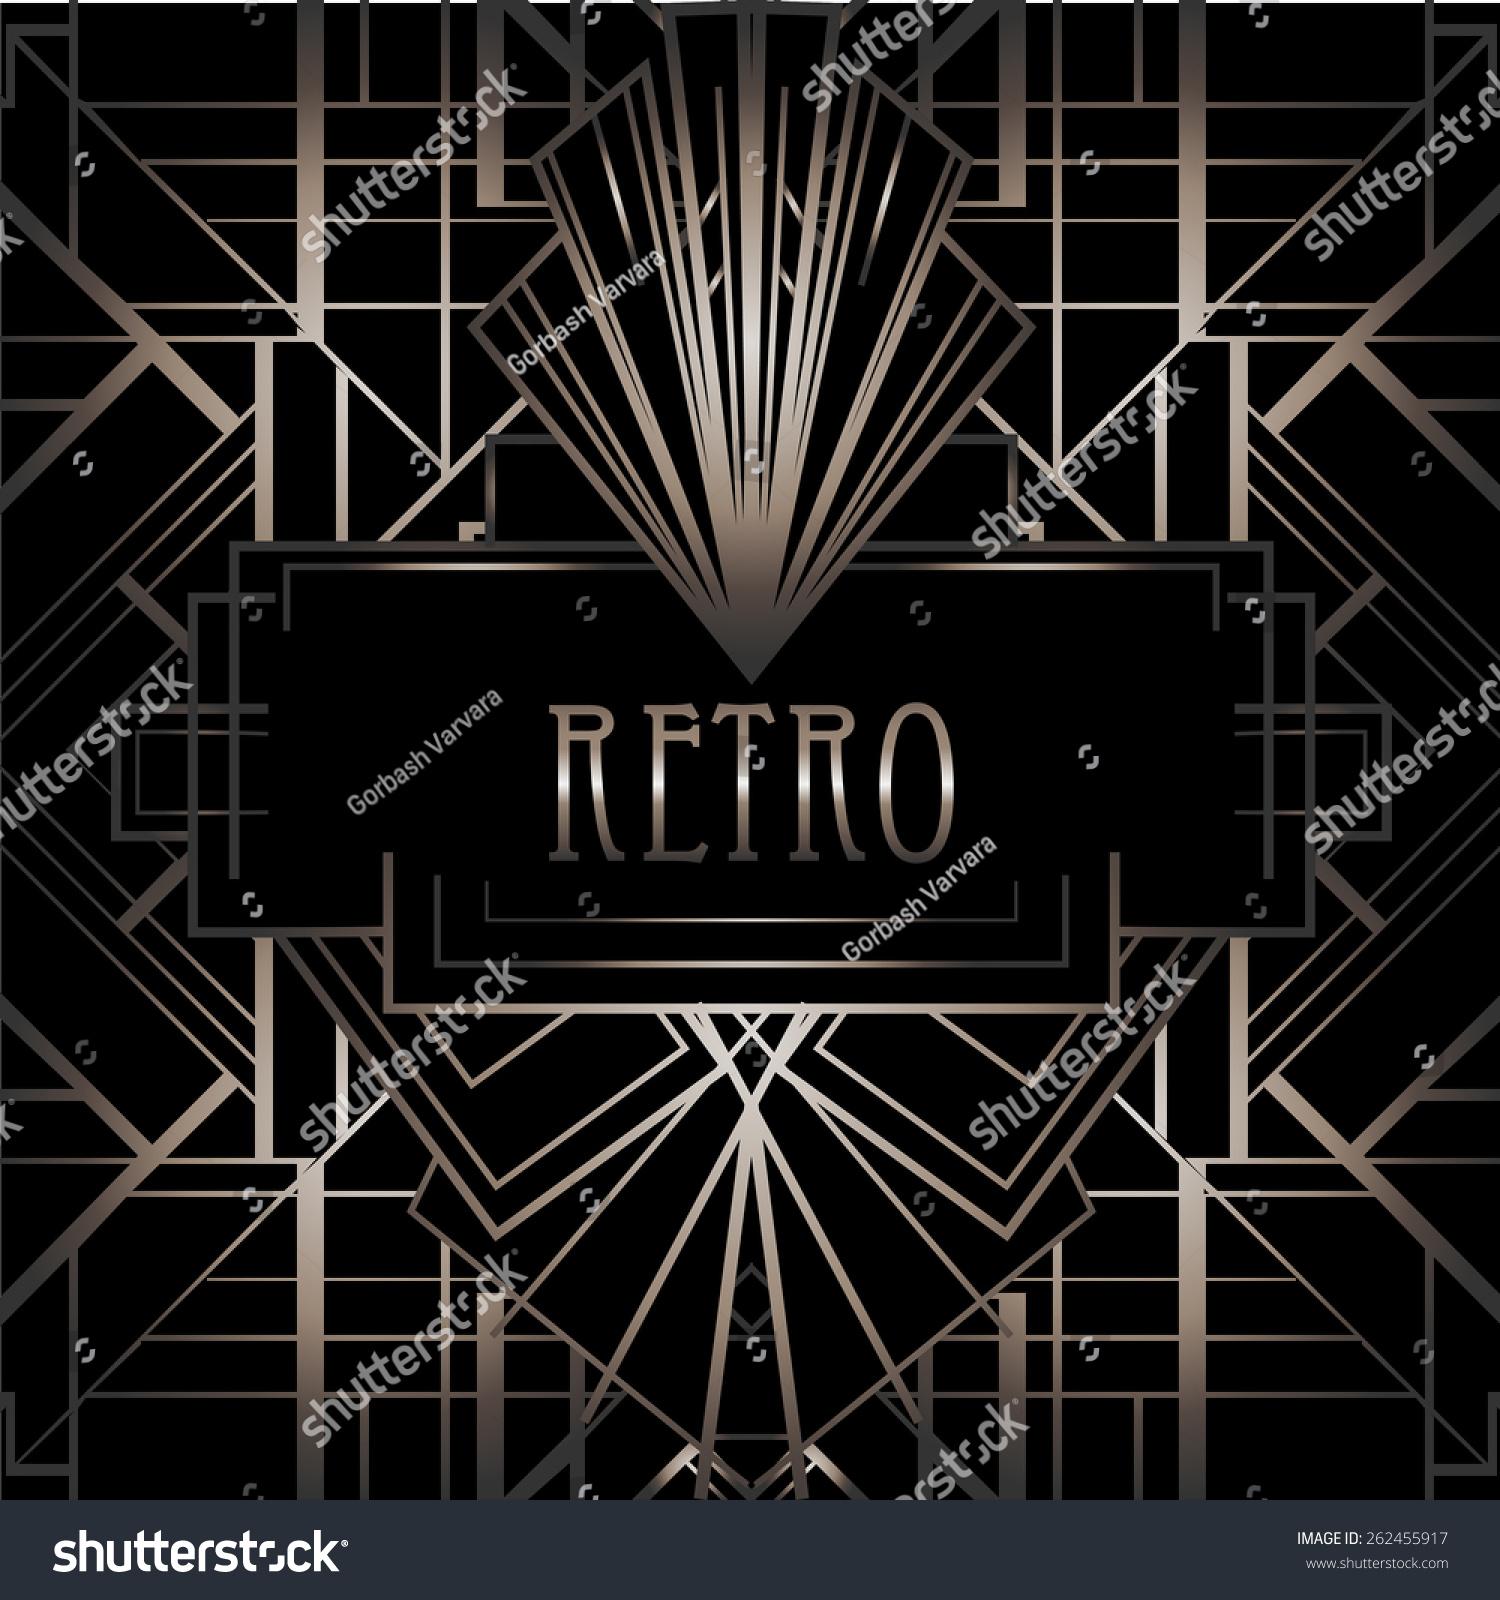 art deco geometric pattern 1920 s style image vectorielle de stock